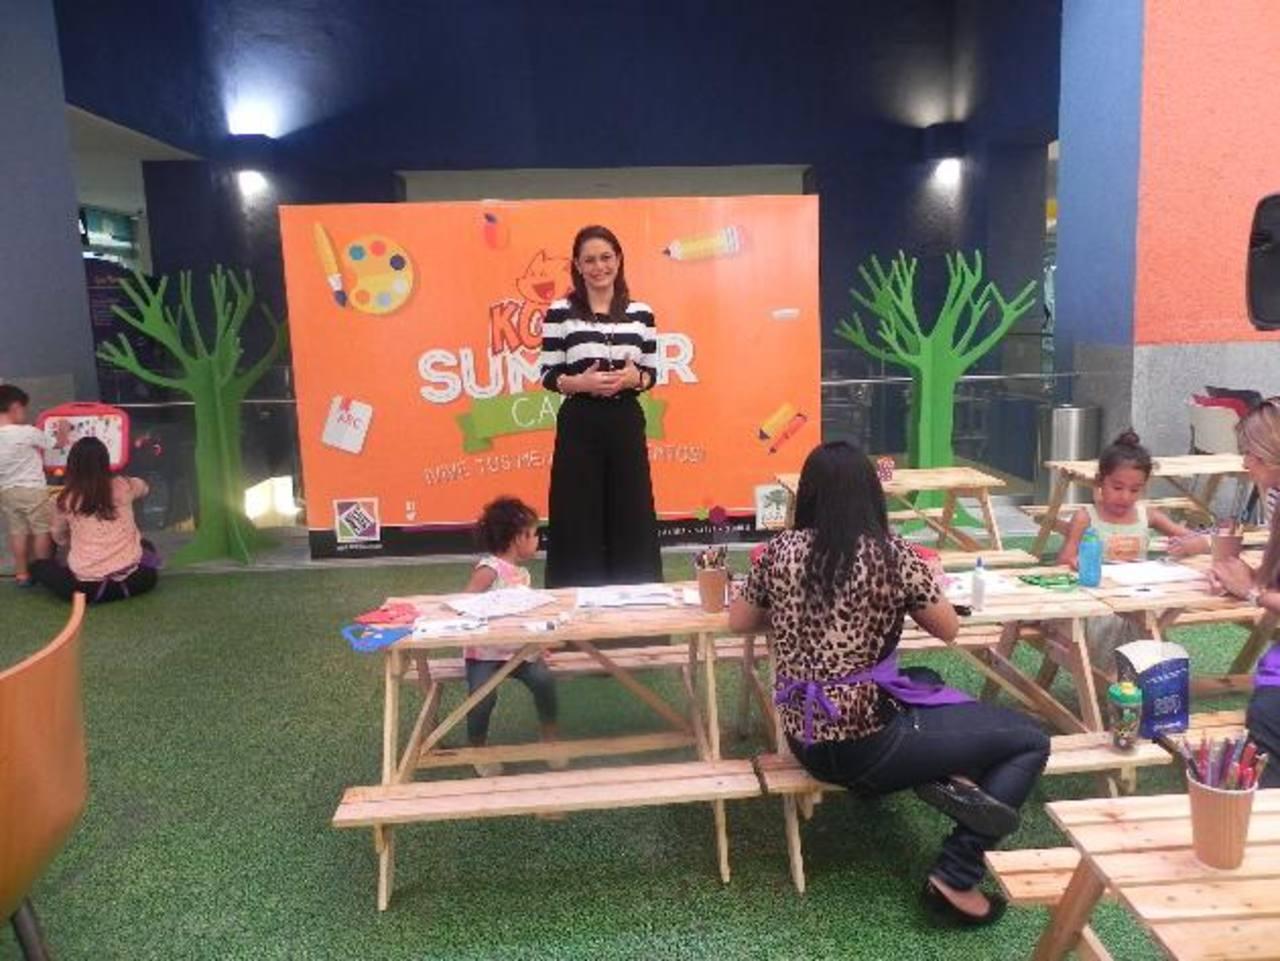 Clases de cocina, juegos y abundante diversión hallarás en Summer Camp de Multiplaza. Foto EDH/Xenia Zepeda